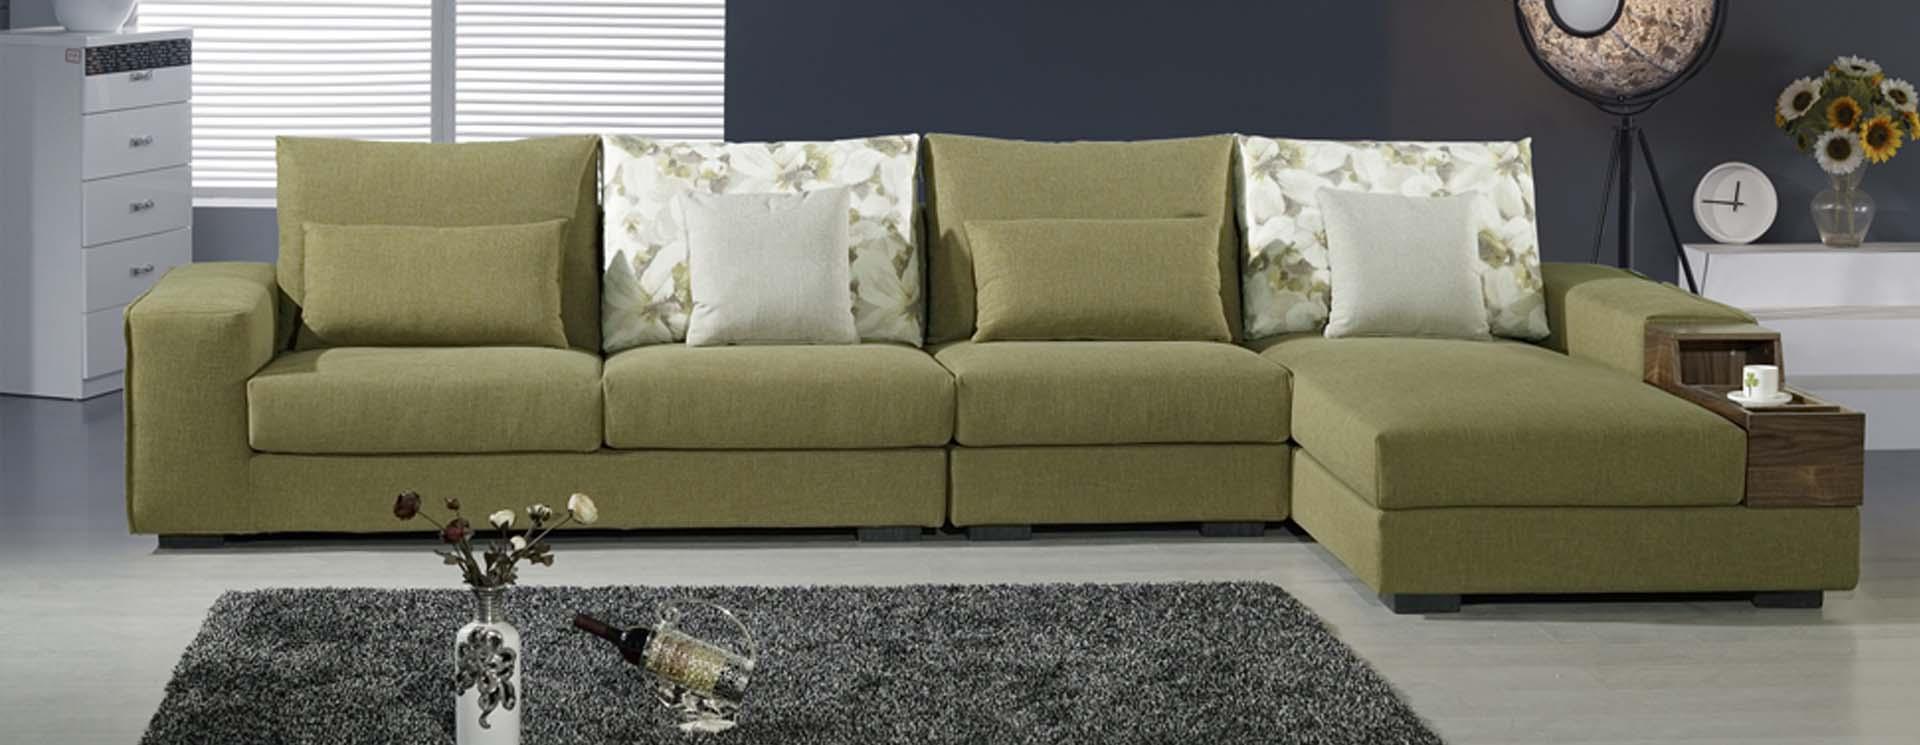 名称:沙发K588#A<br/> 市场价:<font style='color:#999;text-decoration:line-through;'>¥0</font><br />全国统一零售价:<font color='Red'>¥0.0</font>